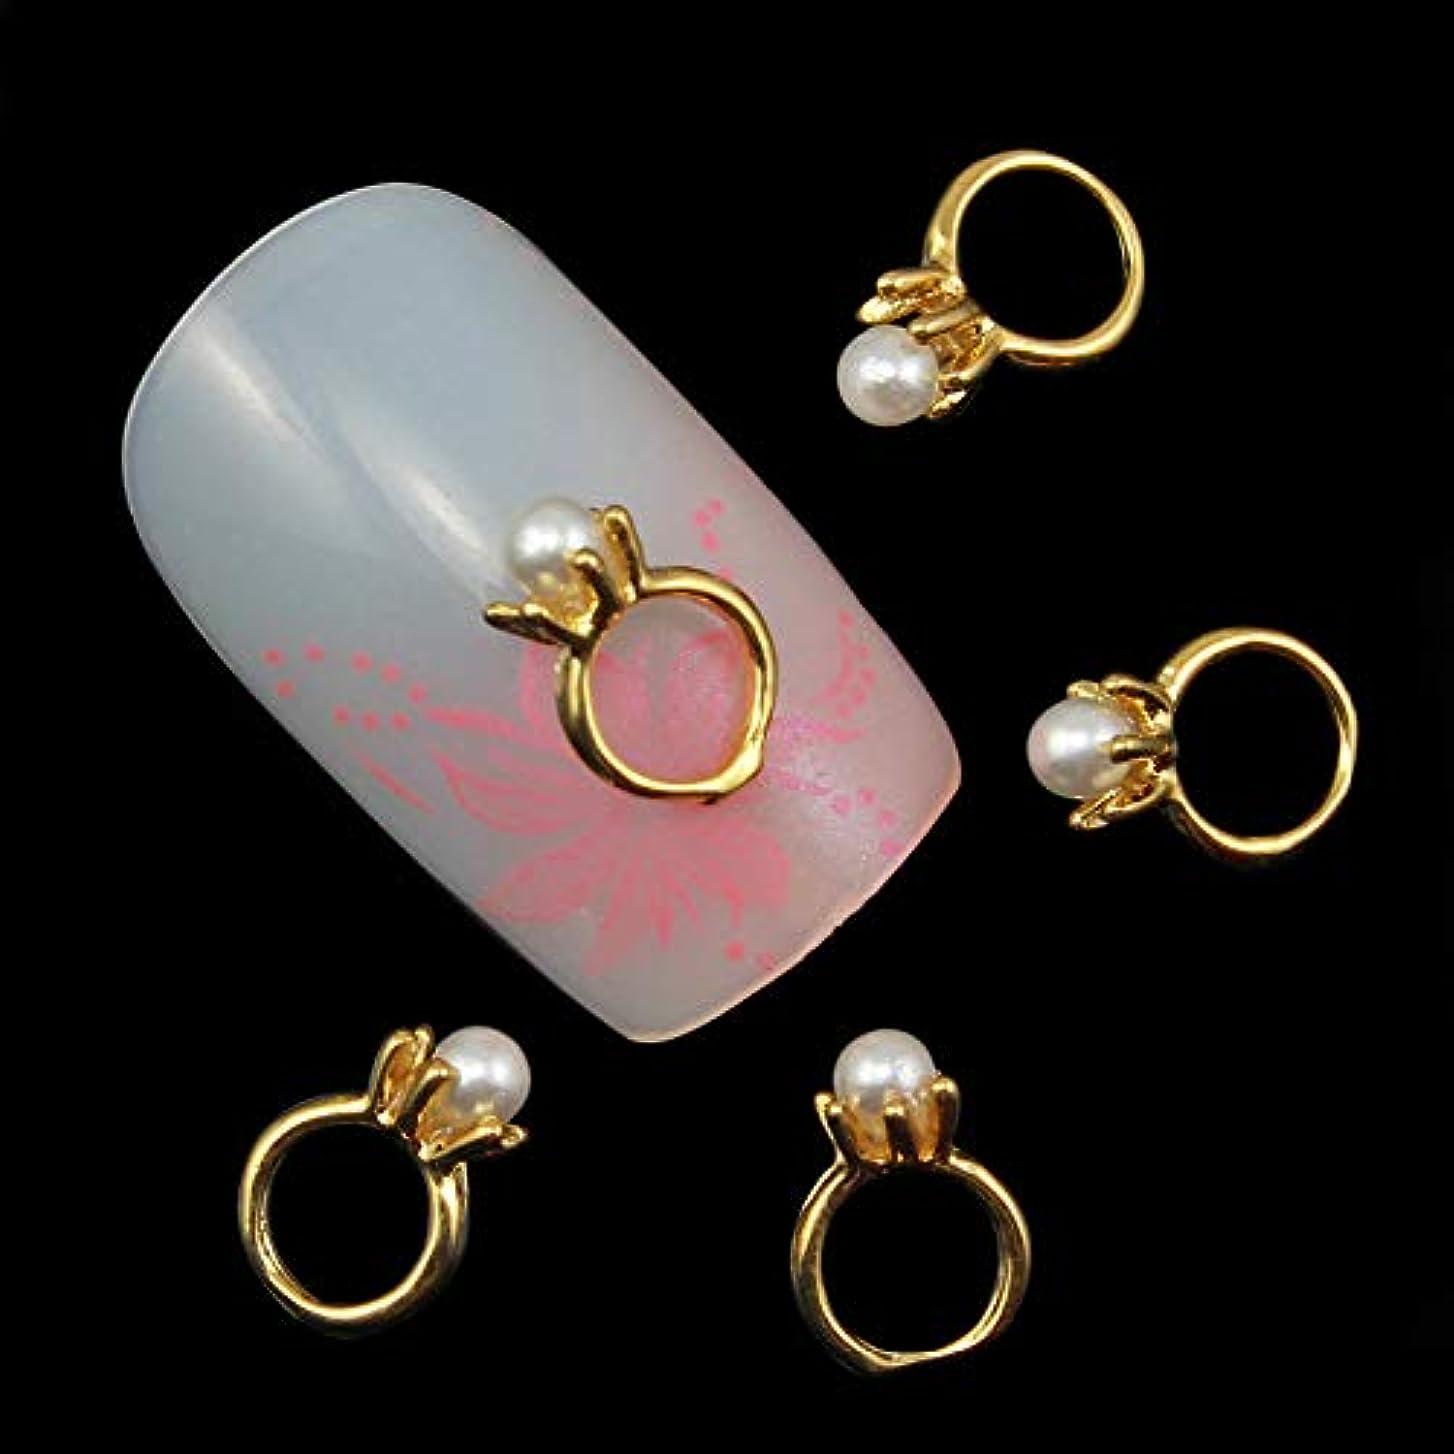 信頼性取り扱いさまよう10個入りの3Dネイルアートのラインストーンのデコレーションパールゴールドリング形状ネイルのヒントネイルジェルツールサプライヤのセックス製品